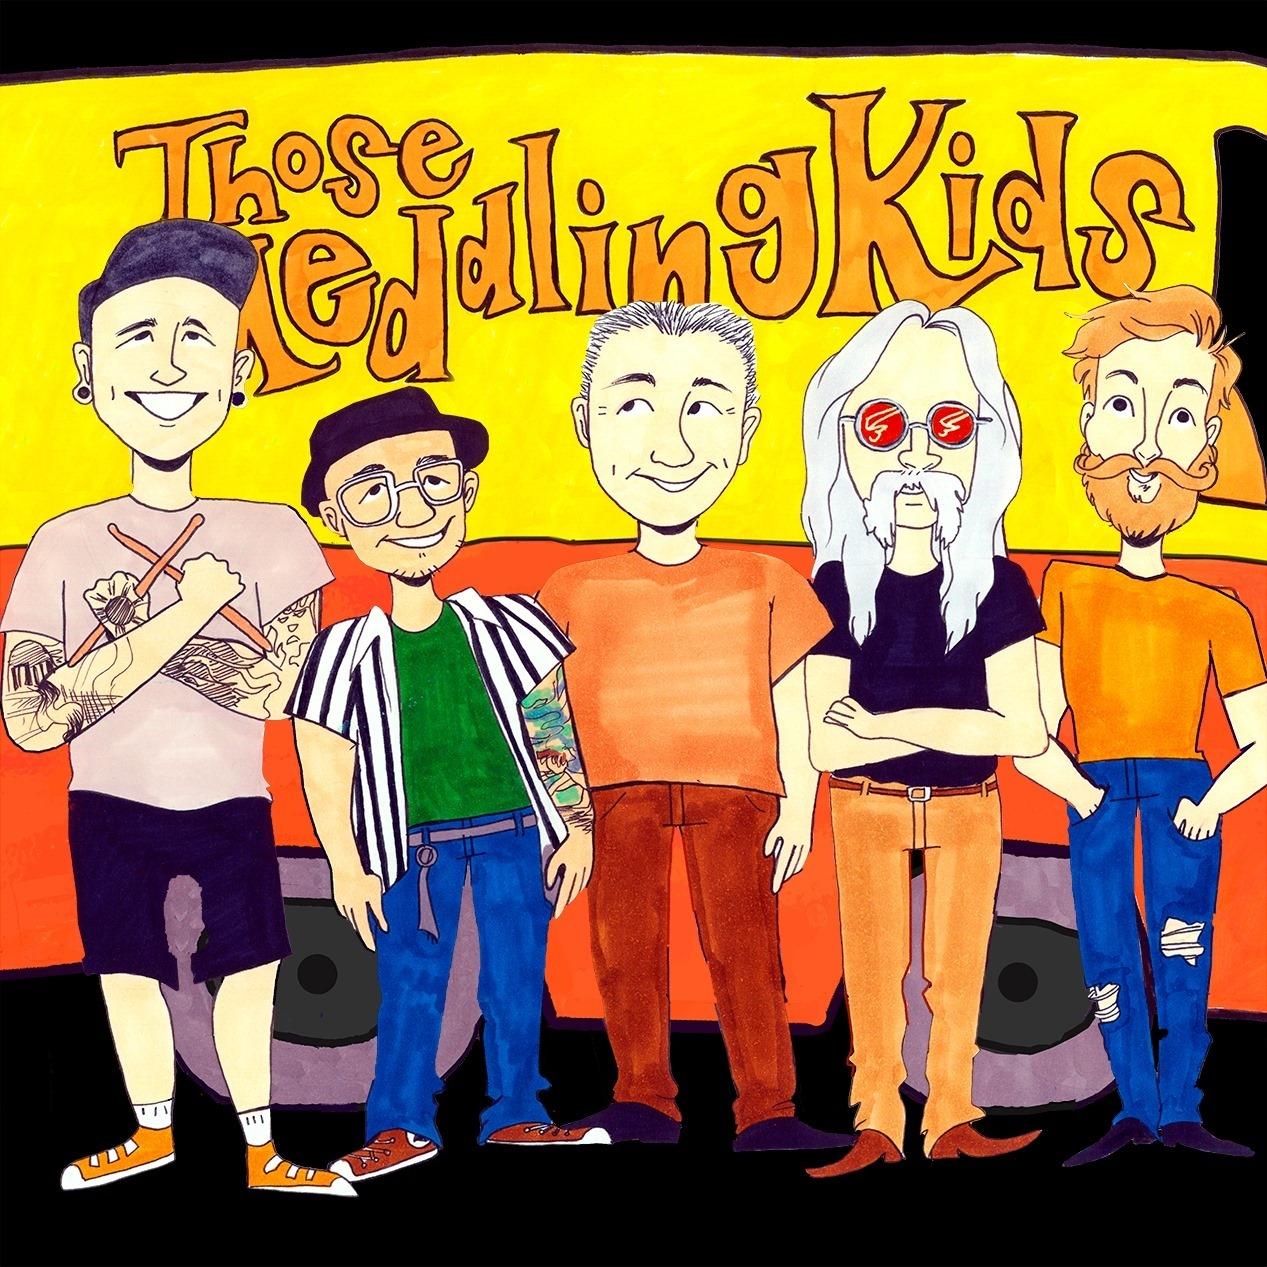 Image Courtesy: Those Meddling Kids